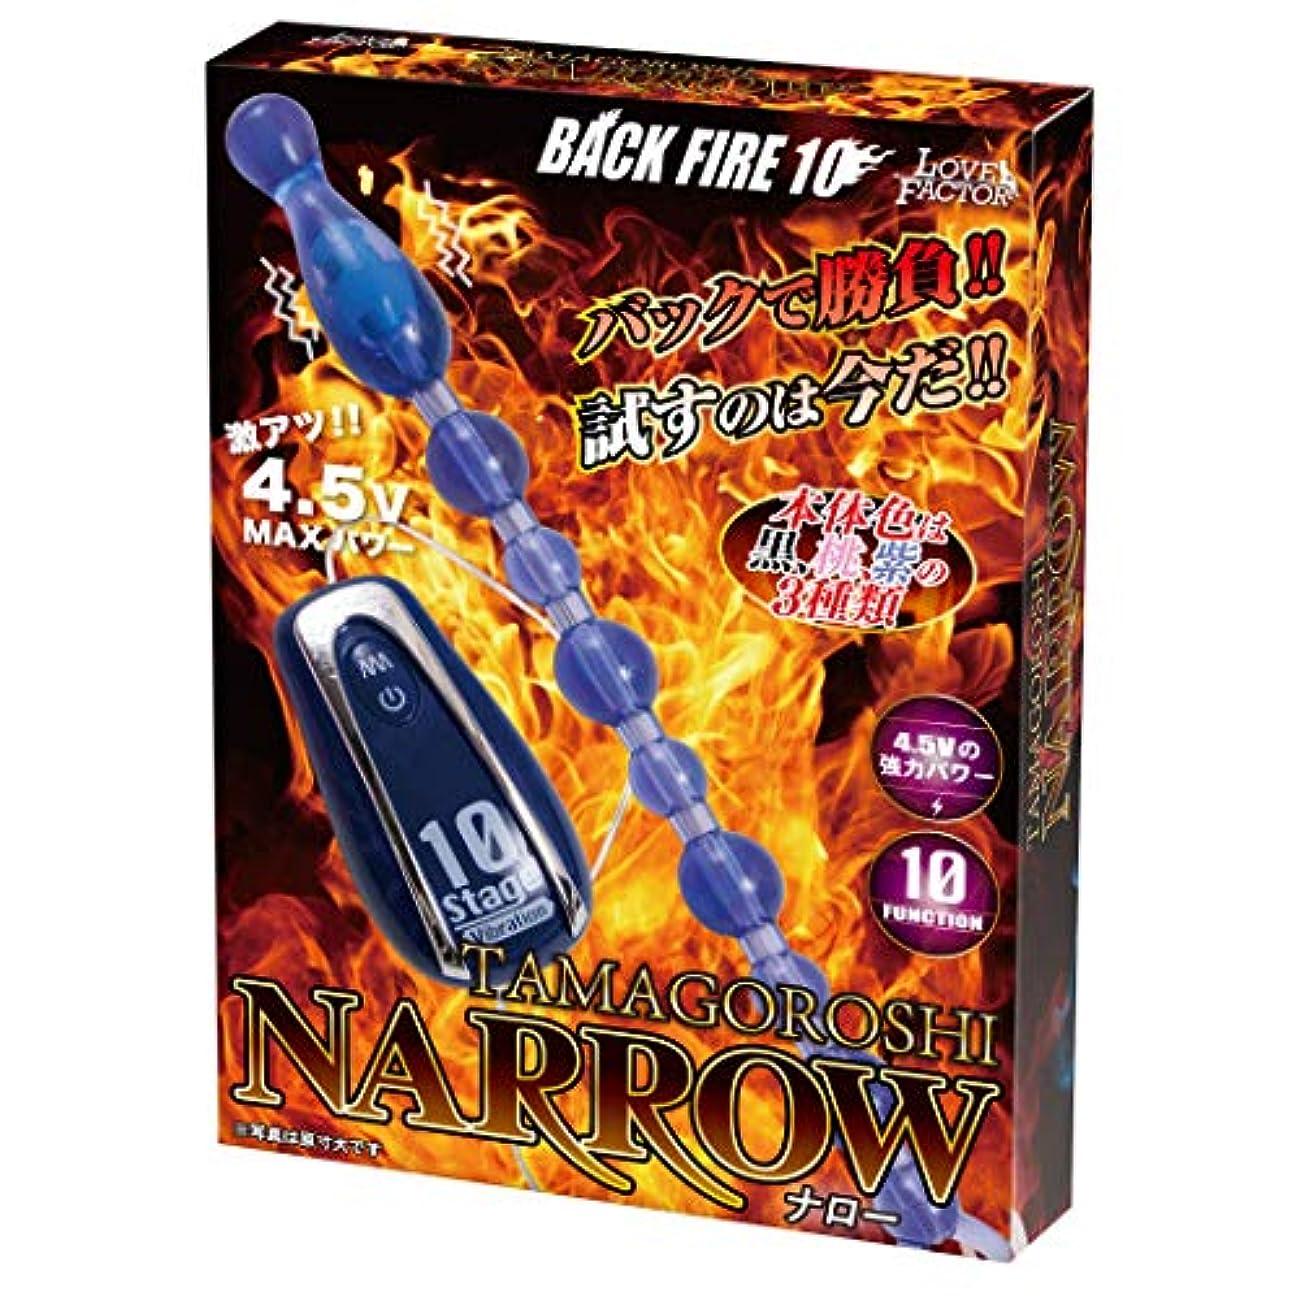 香港レビュー後方BACK FIRE TAMAGOROSHI NARROW (ナロー) 紫 アナル拡張 アナル開発 プラグ SM調教 携帯式 野外プレー 男女兼用